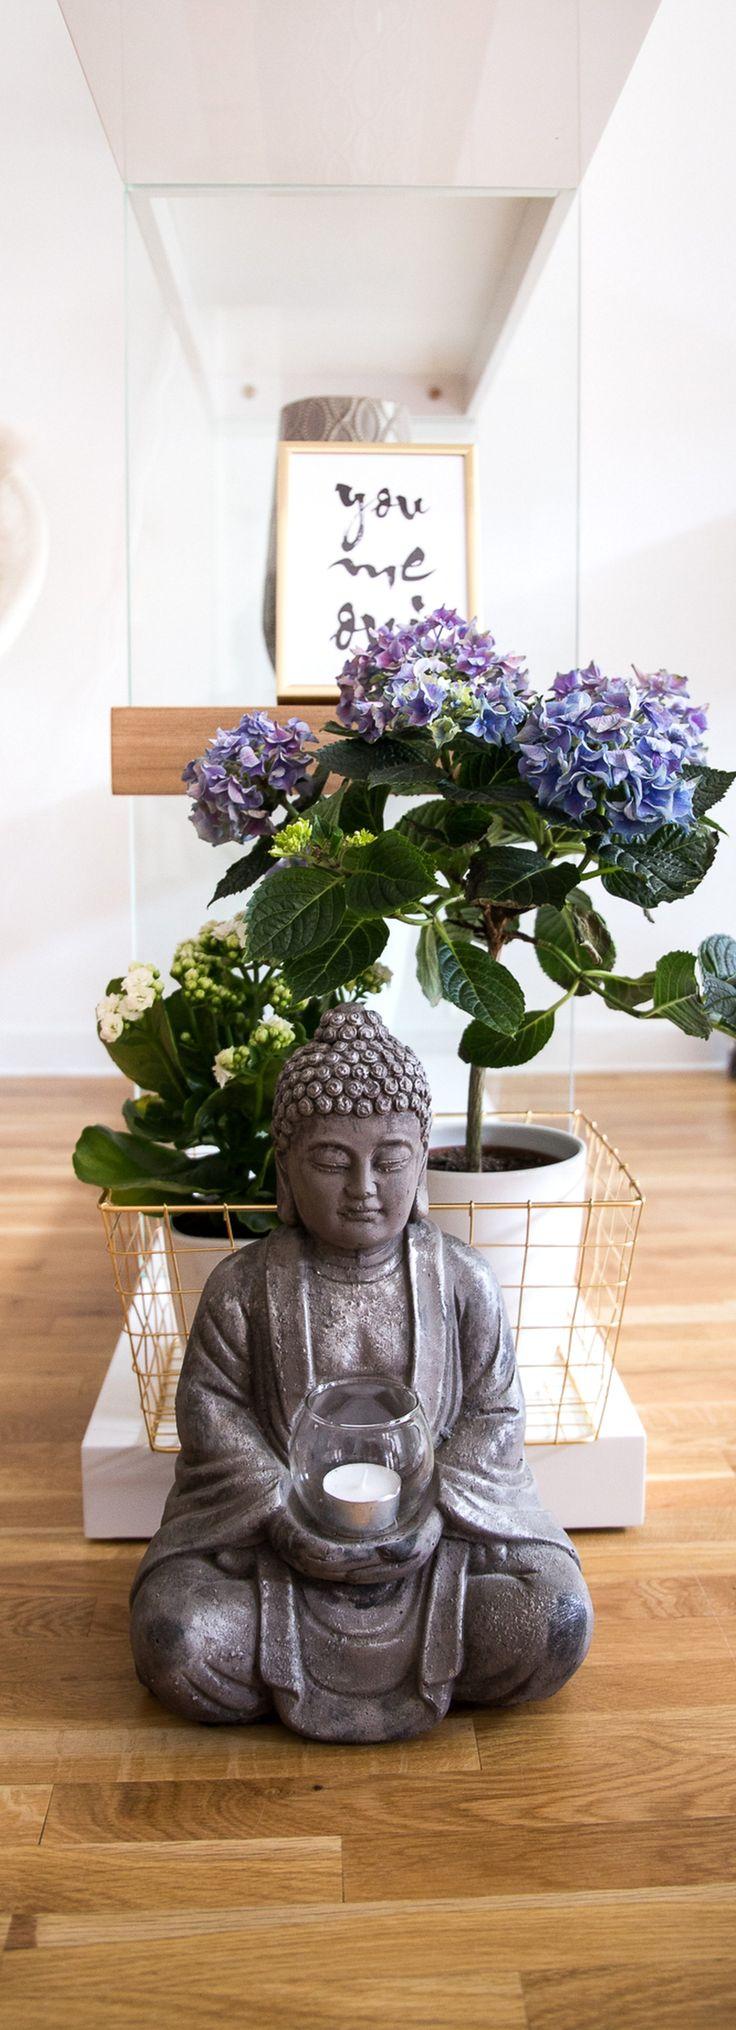 Blaue Hortensie / Wohnzimmerregal / Buddha / Interior / Frühlingsblumen / Zimmerpflanze / Interior